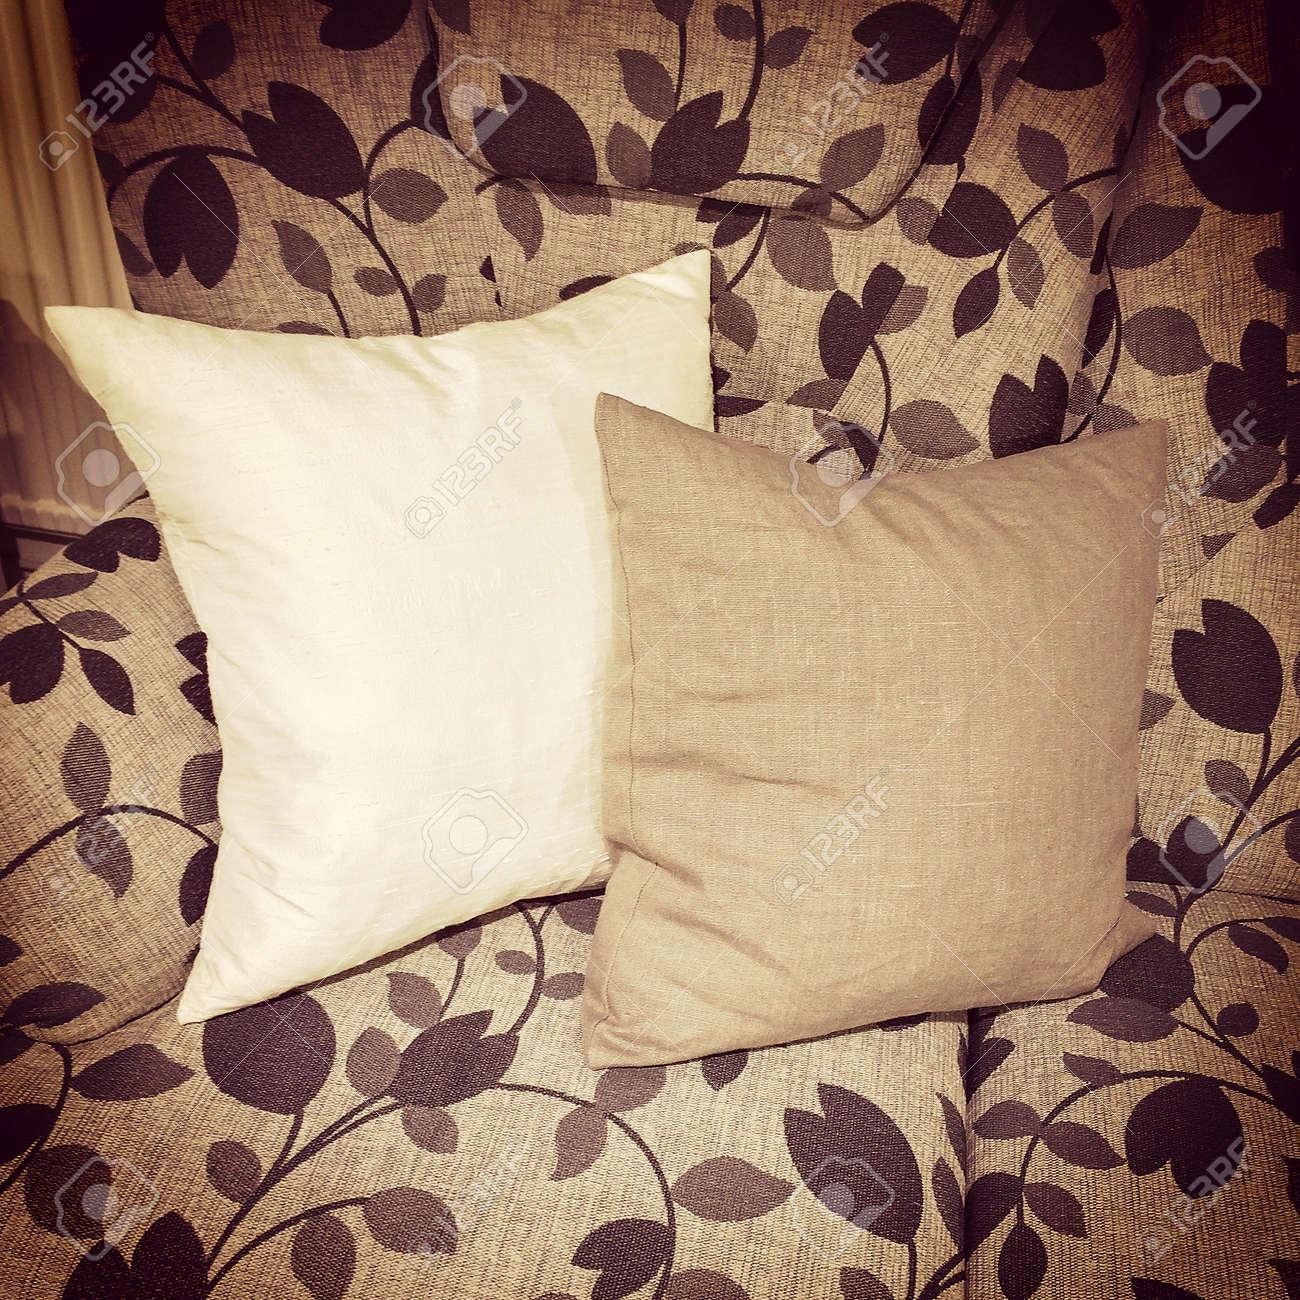 Come Abbellire Un Divano cuscini decorare un divano con disegno floreale, mobili in stile retrò.